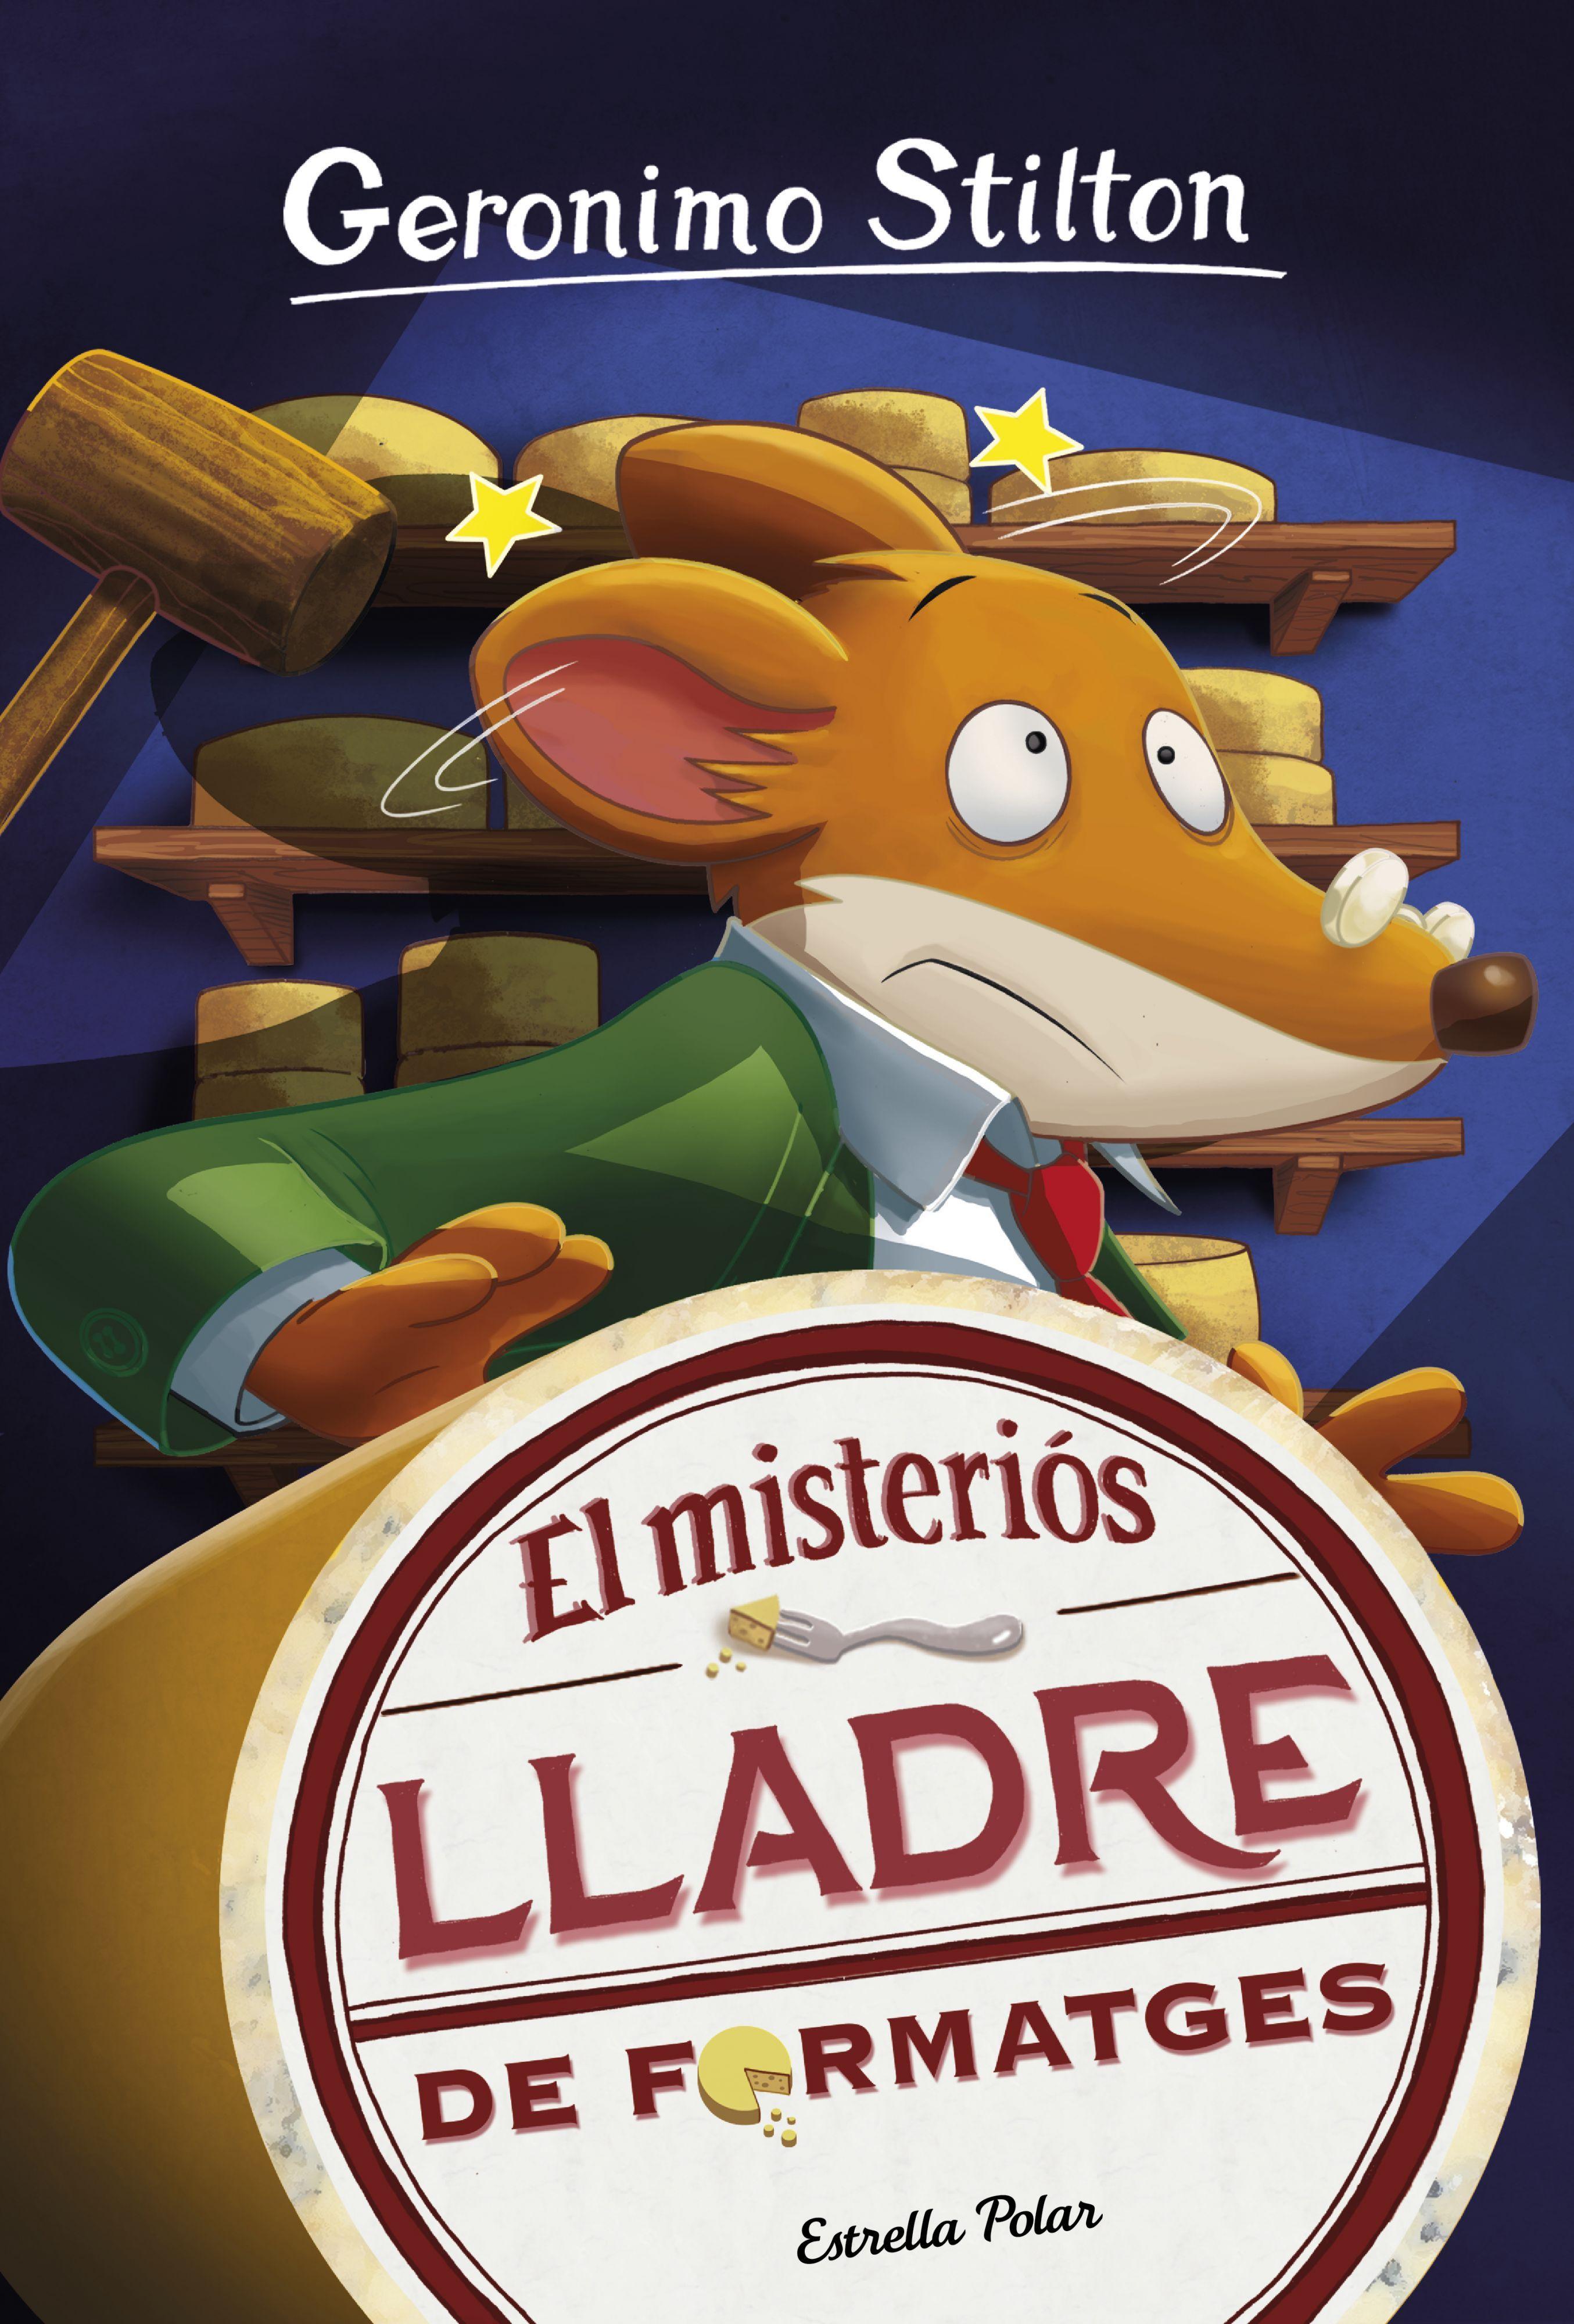 GERONIMO STILTON EL MISTERIOS LLADRE DE FORMATGES